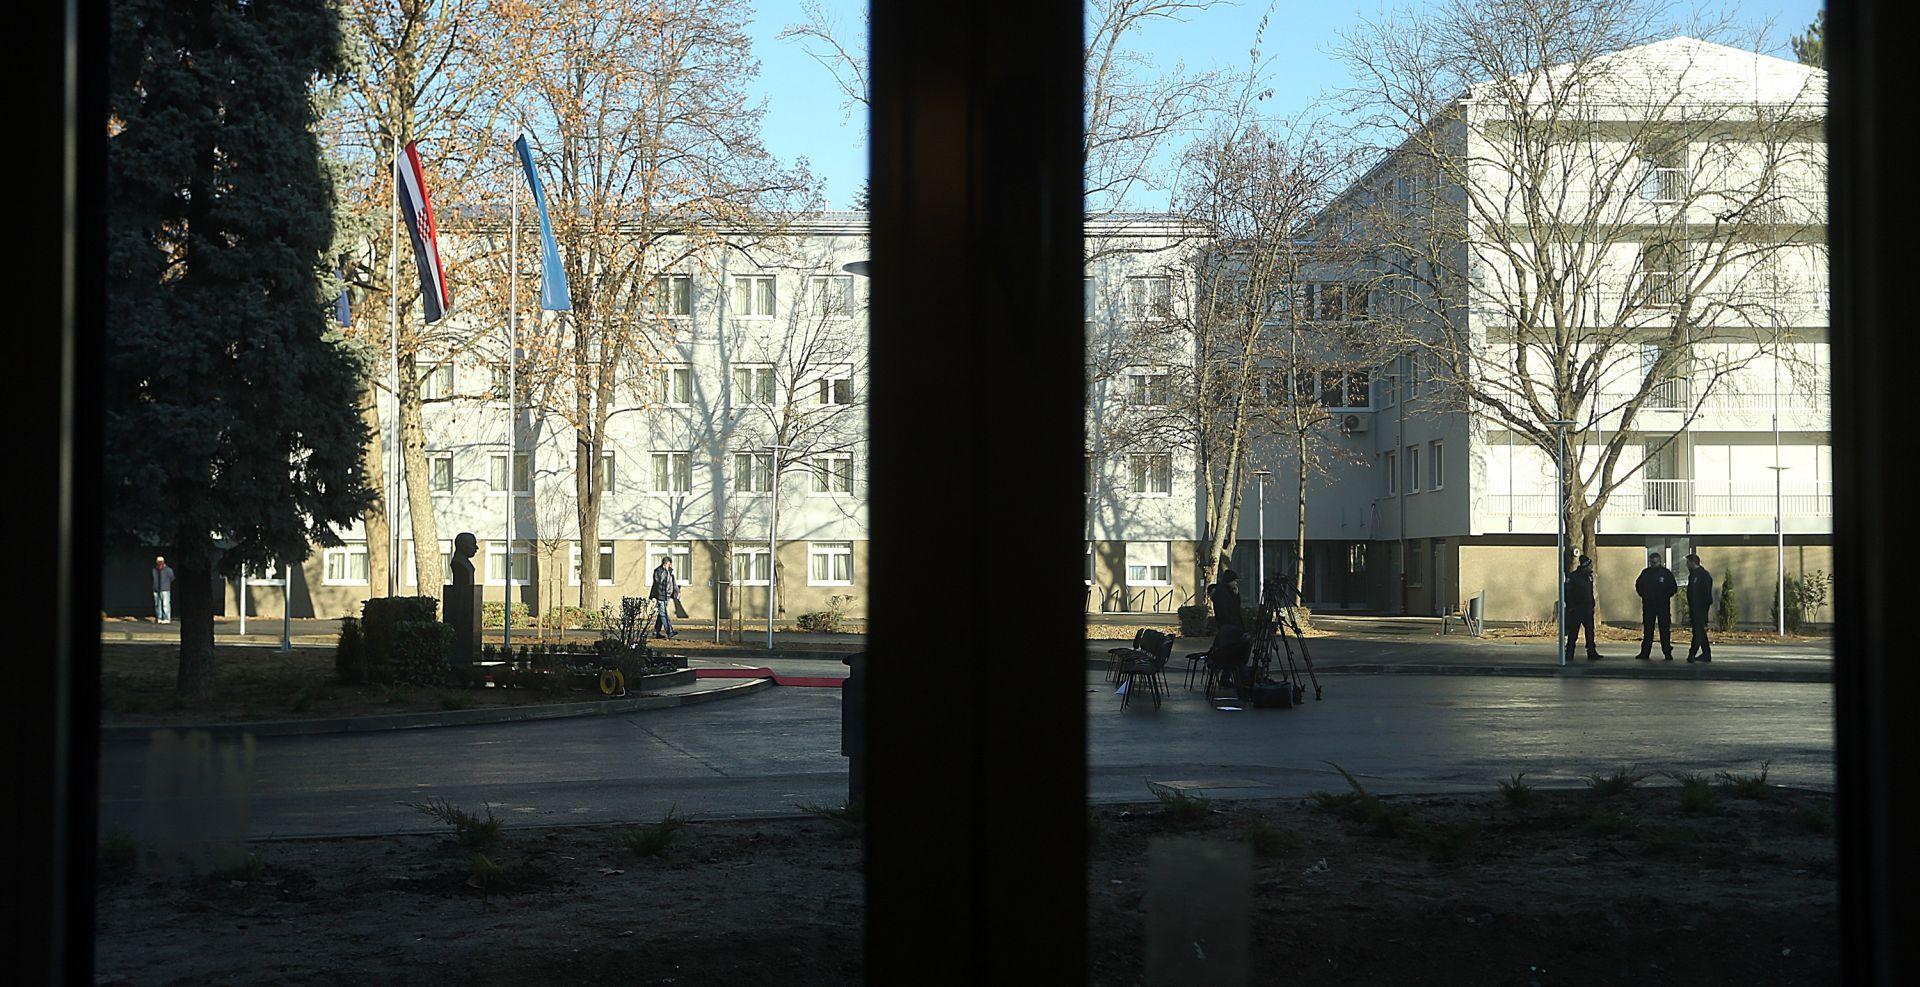 Vijeće studenata: Studenstki centar ipak najavio razgovore o poskupljenju studentskih domova